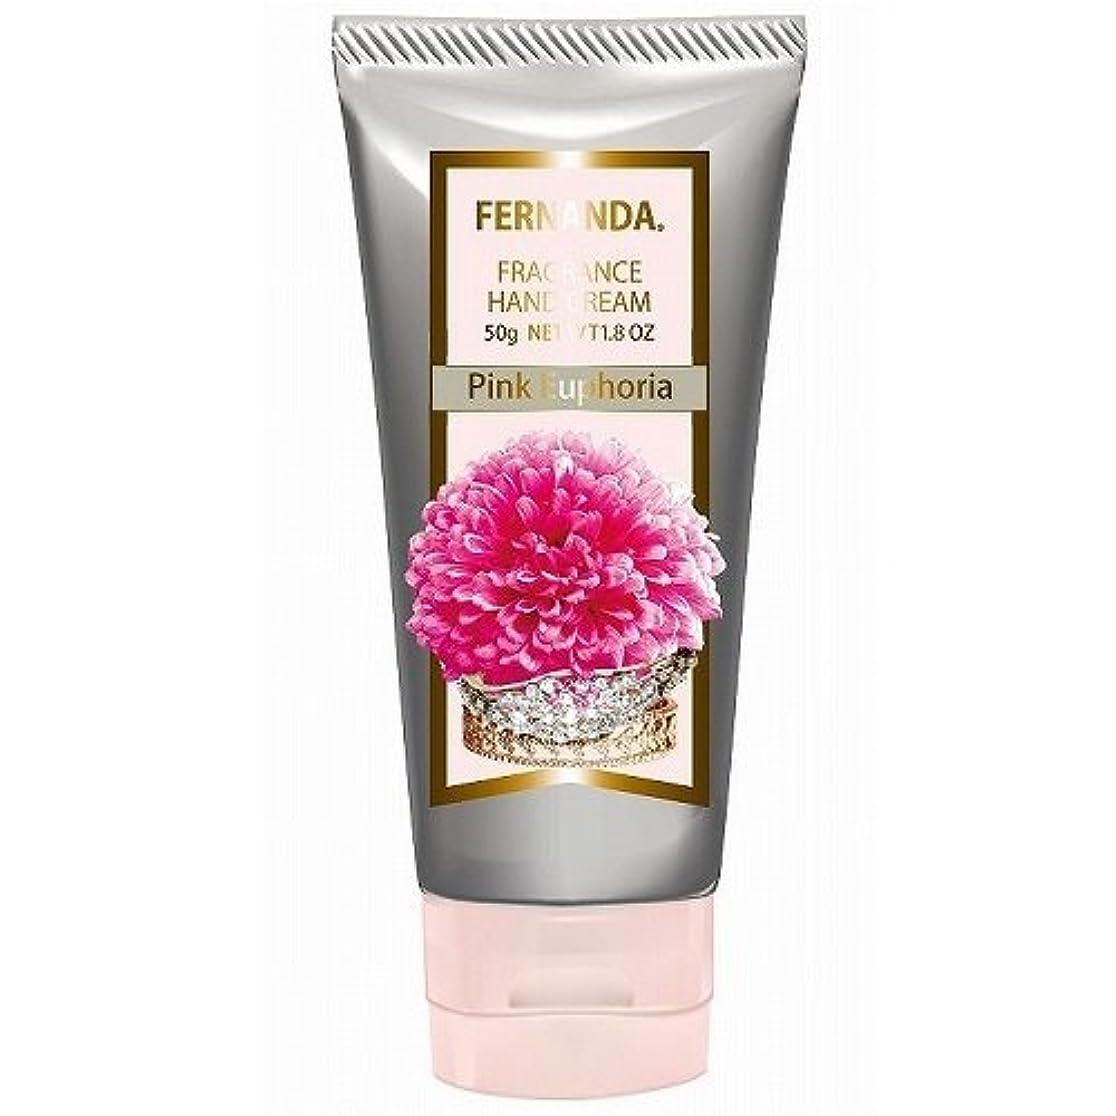 行方不明南ネットFERNANDA(フェルナンダ) Hand Cream Pink Euphoria (ハンドクリーム ピンクエウフォリア)